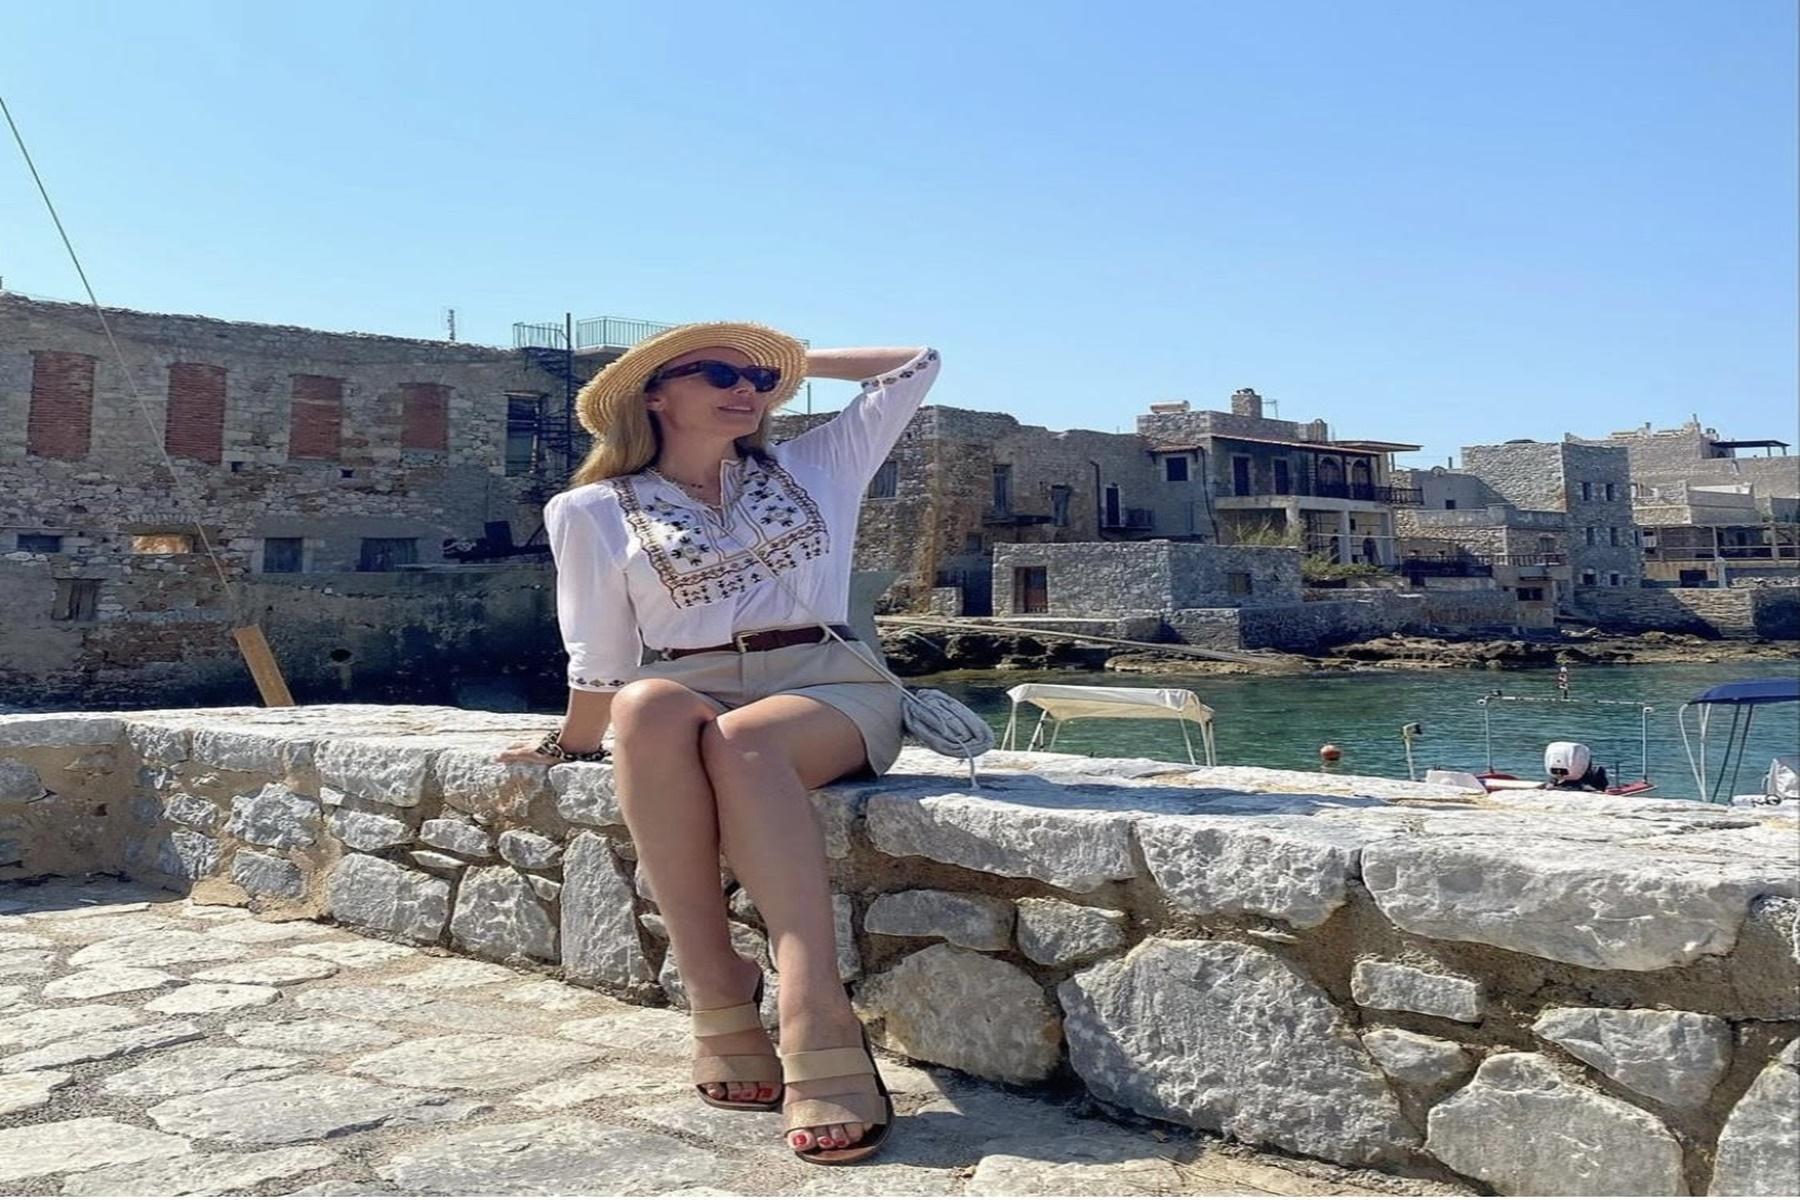 Τατιάνα Στεφανίδου :Δείτε ποιο μέρος διάλεξε να κάνει διακοπές